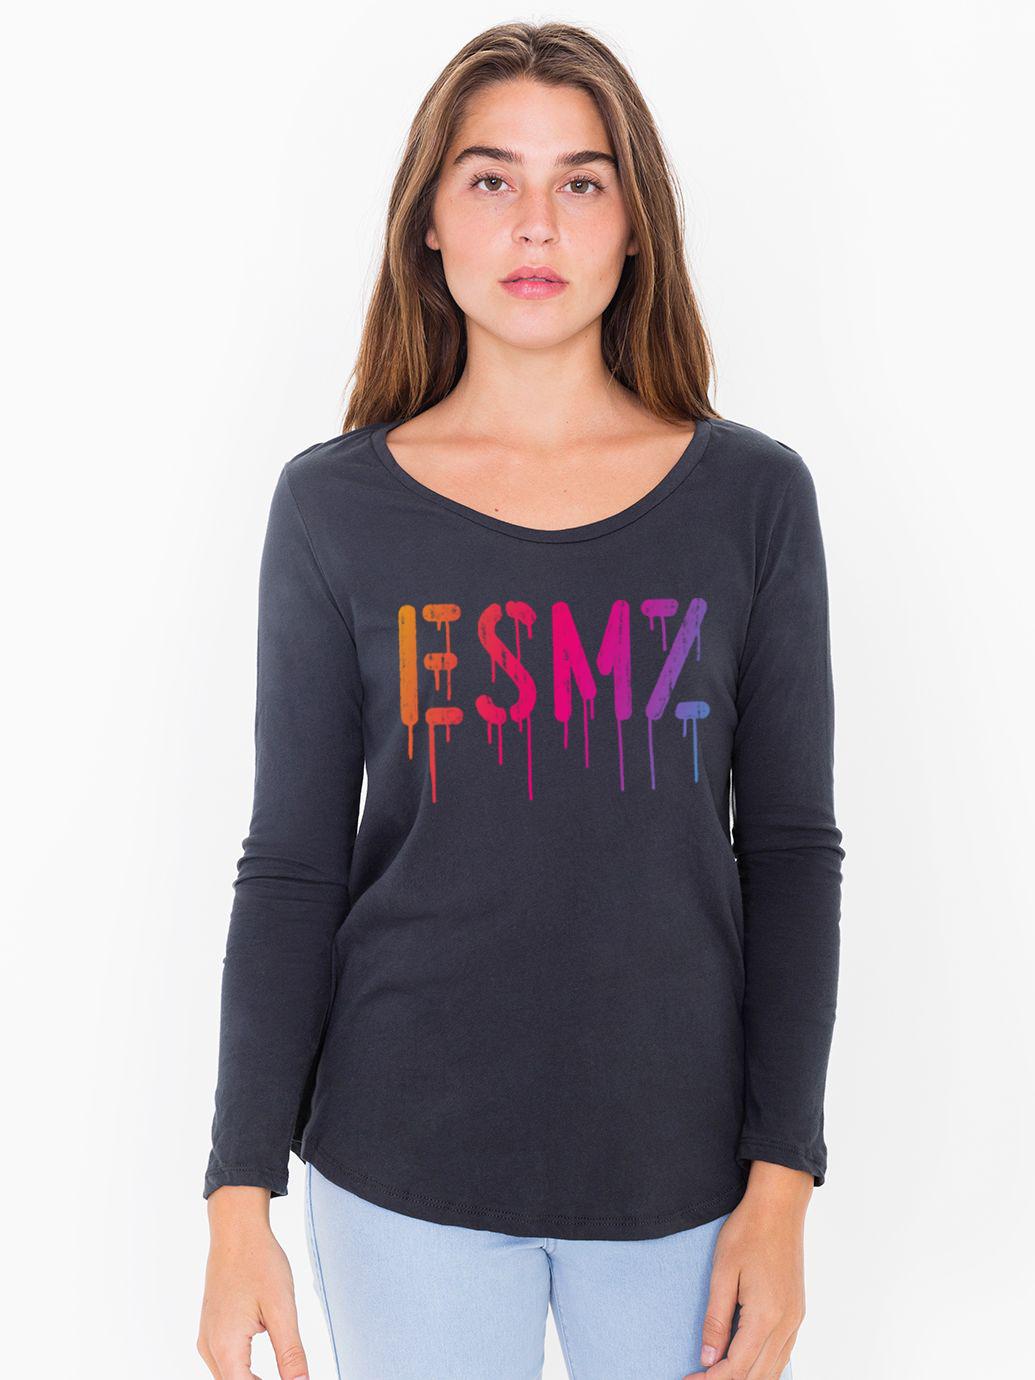 ESMZ-160429_16